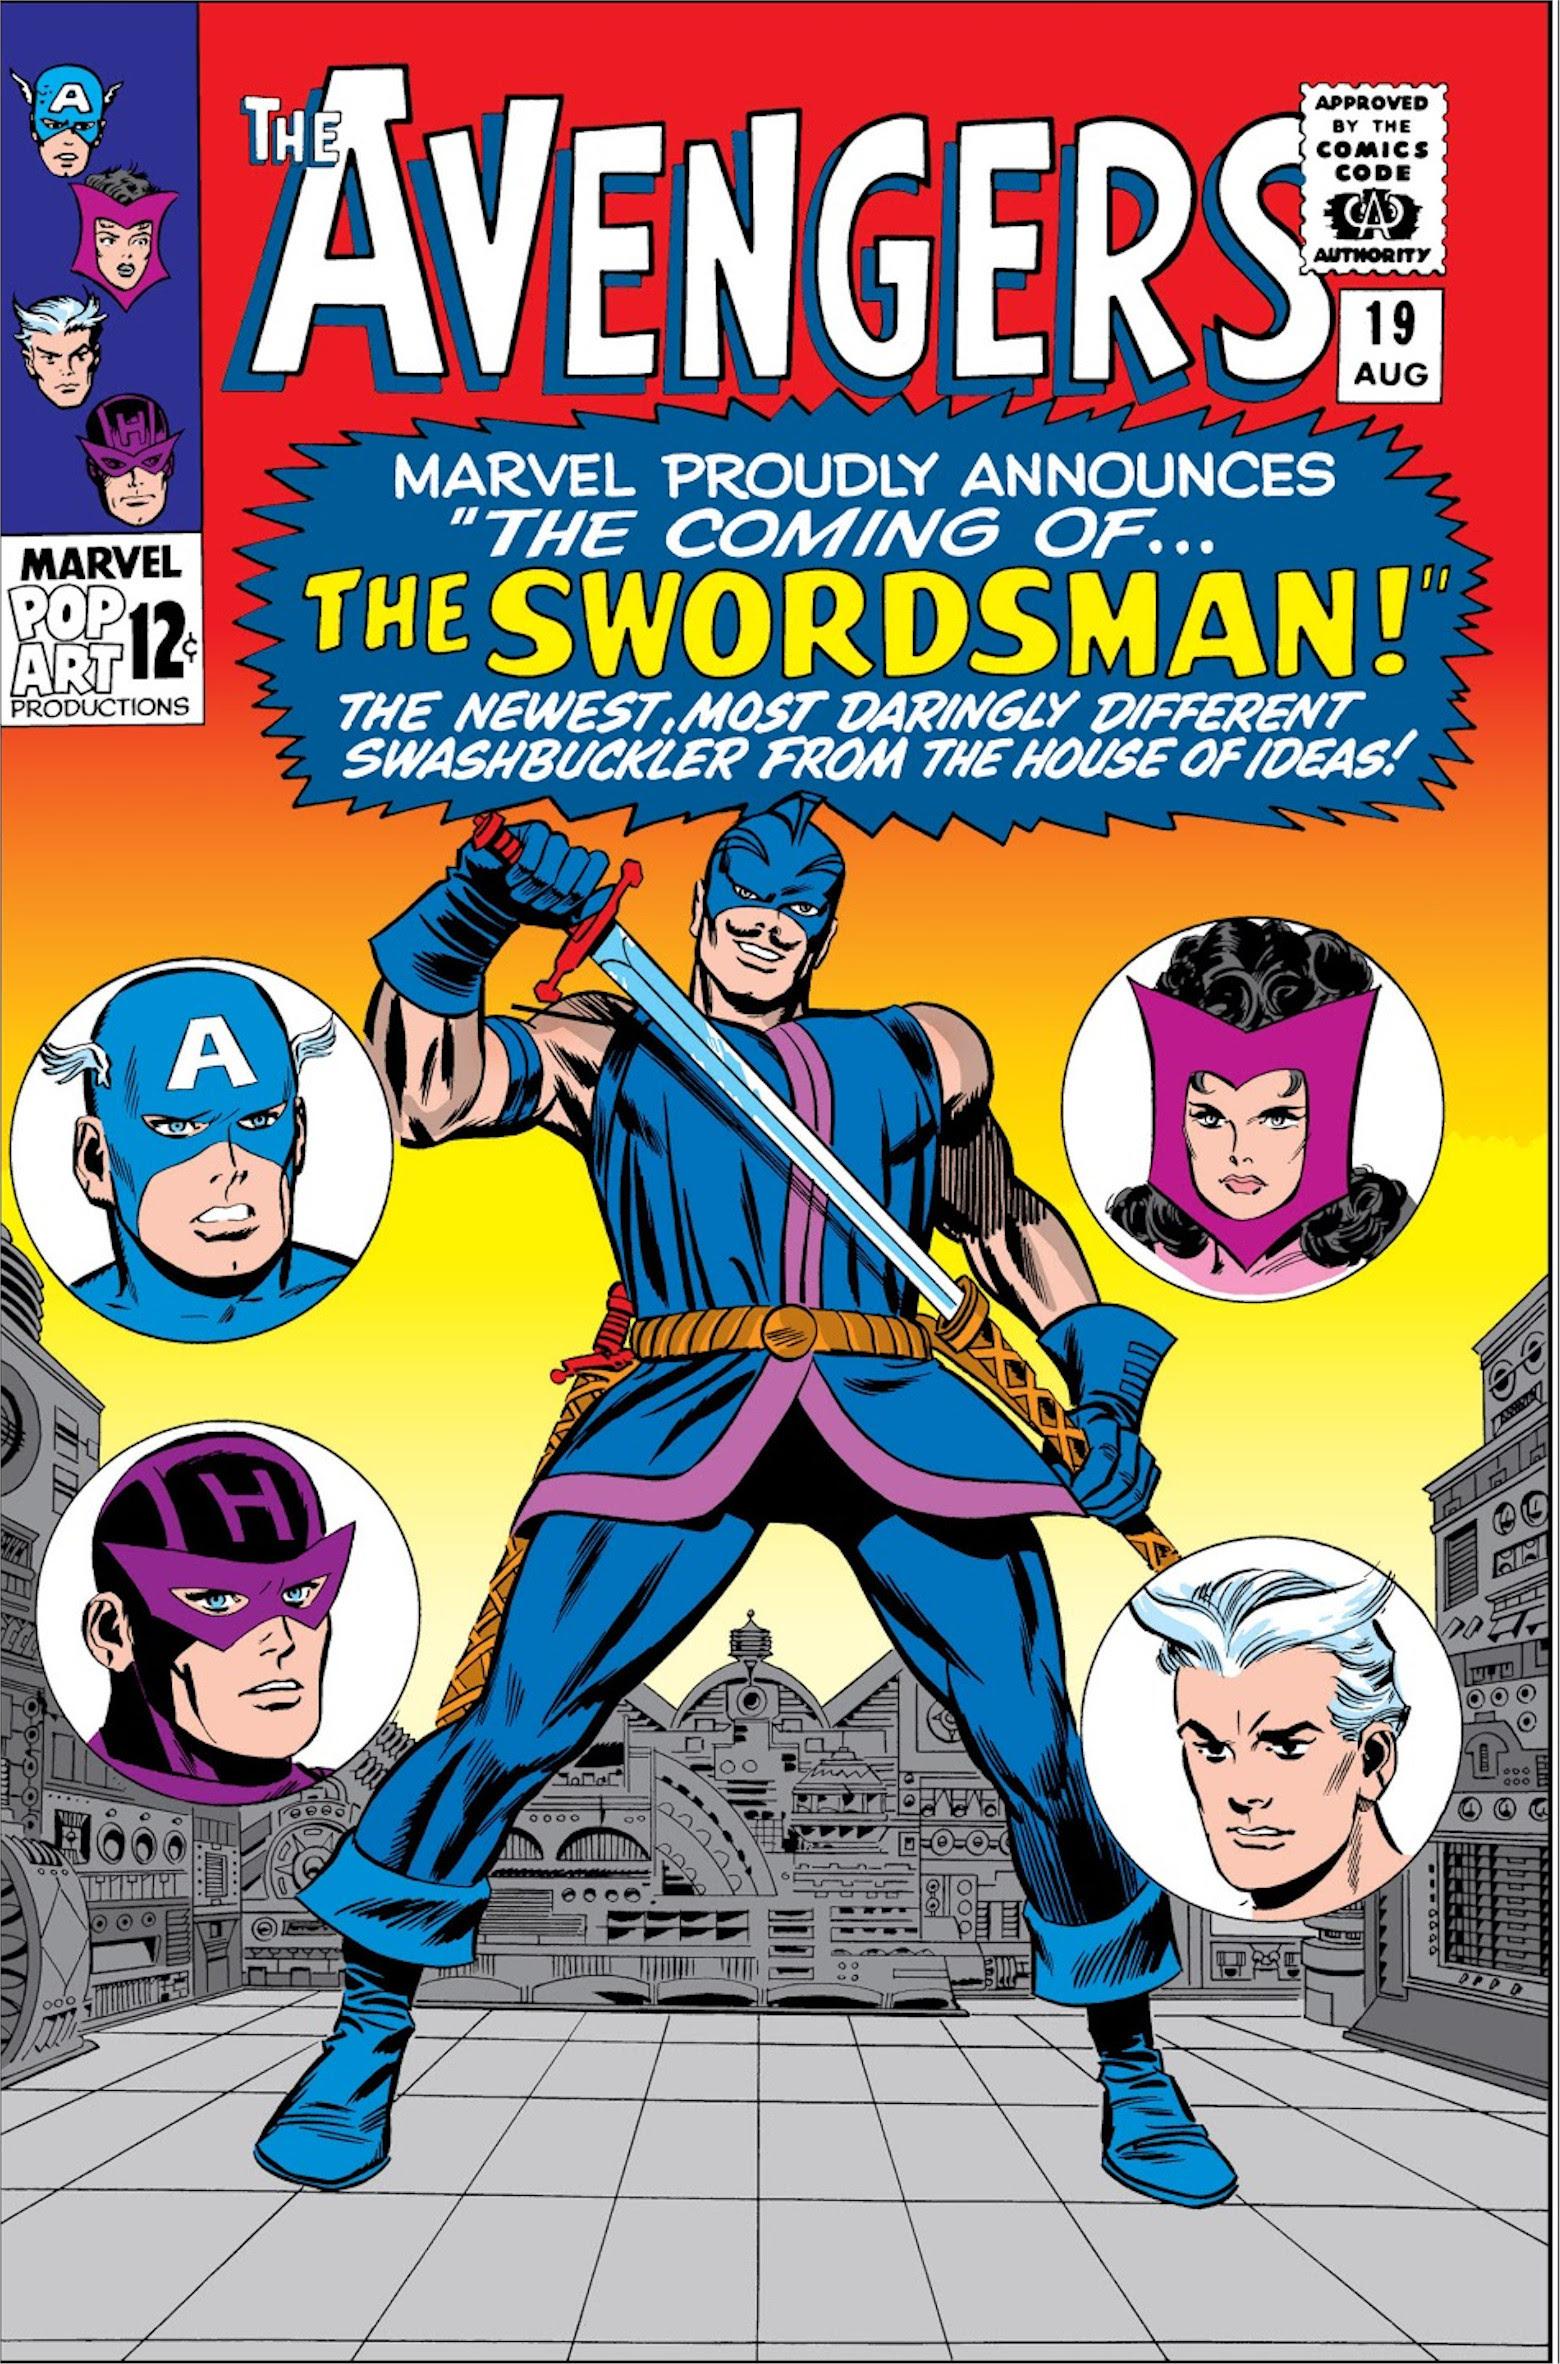 http://vignette4.wikia.nocookie.net/marveldatabase/images/e/e7/Avengers_Vol_1_19.jpg/revision/latest?cb=20051201155248